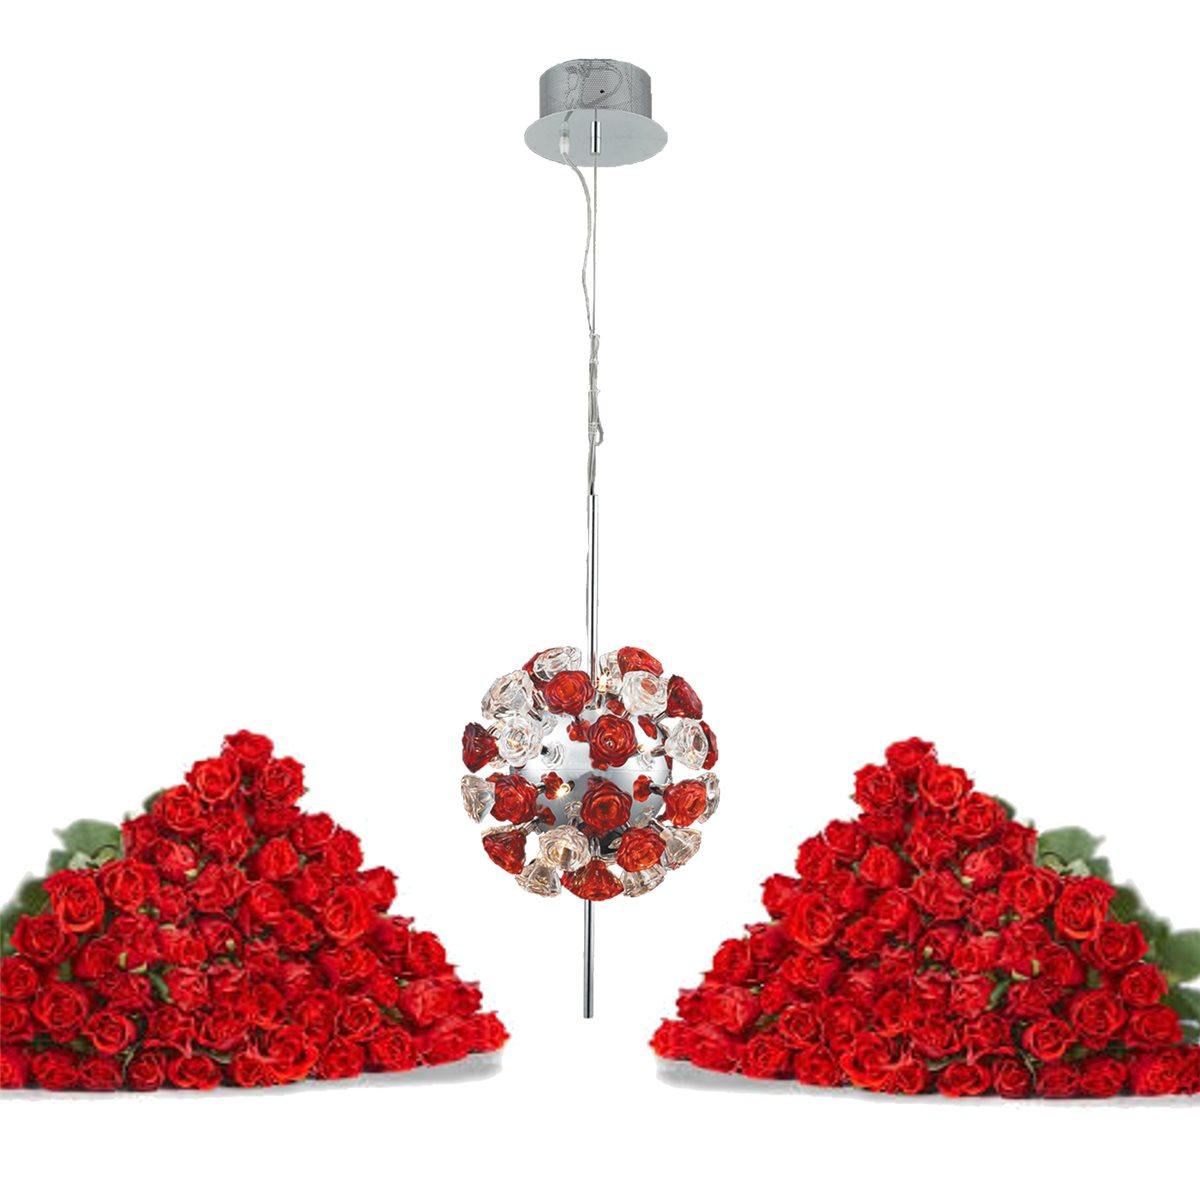 Lampenlux Designer Pendelleuchte Hängeleuchte Rosonas Glas Rosen Modern